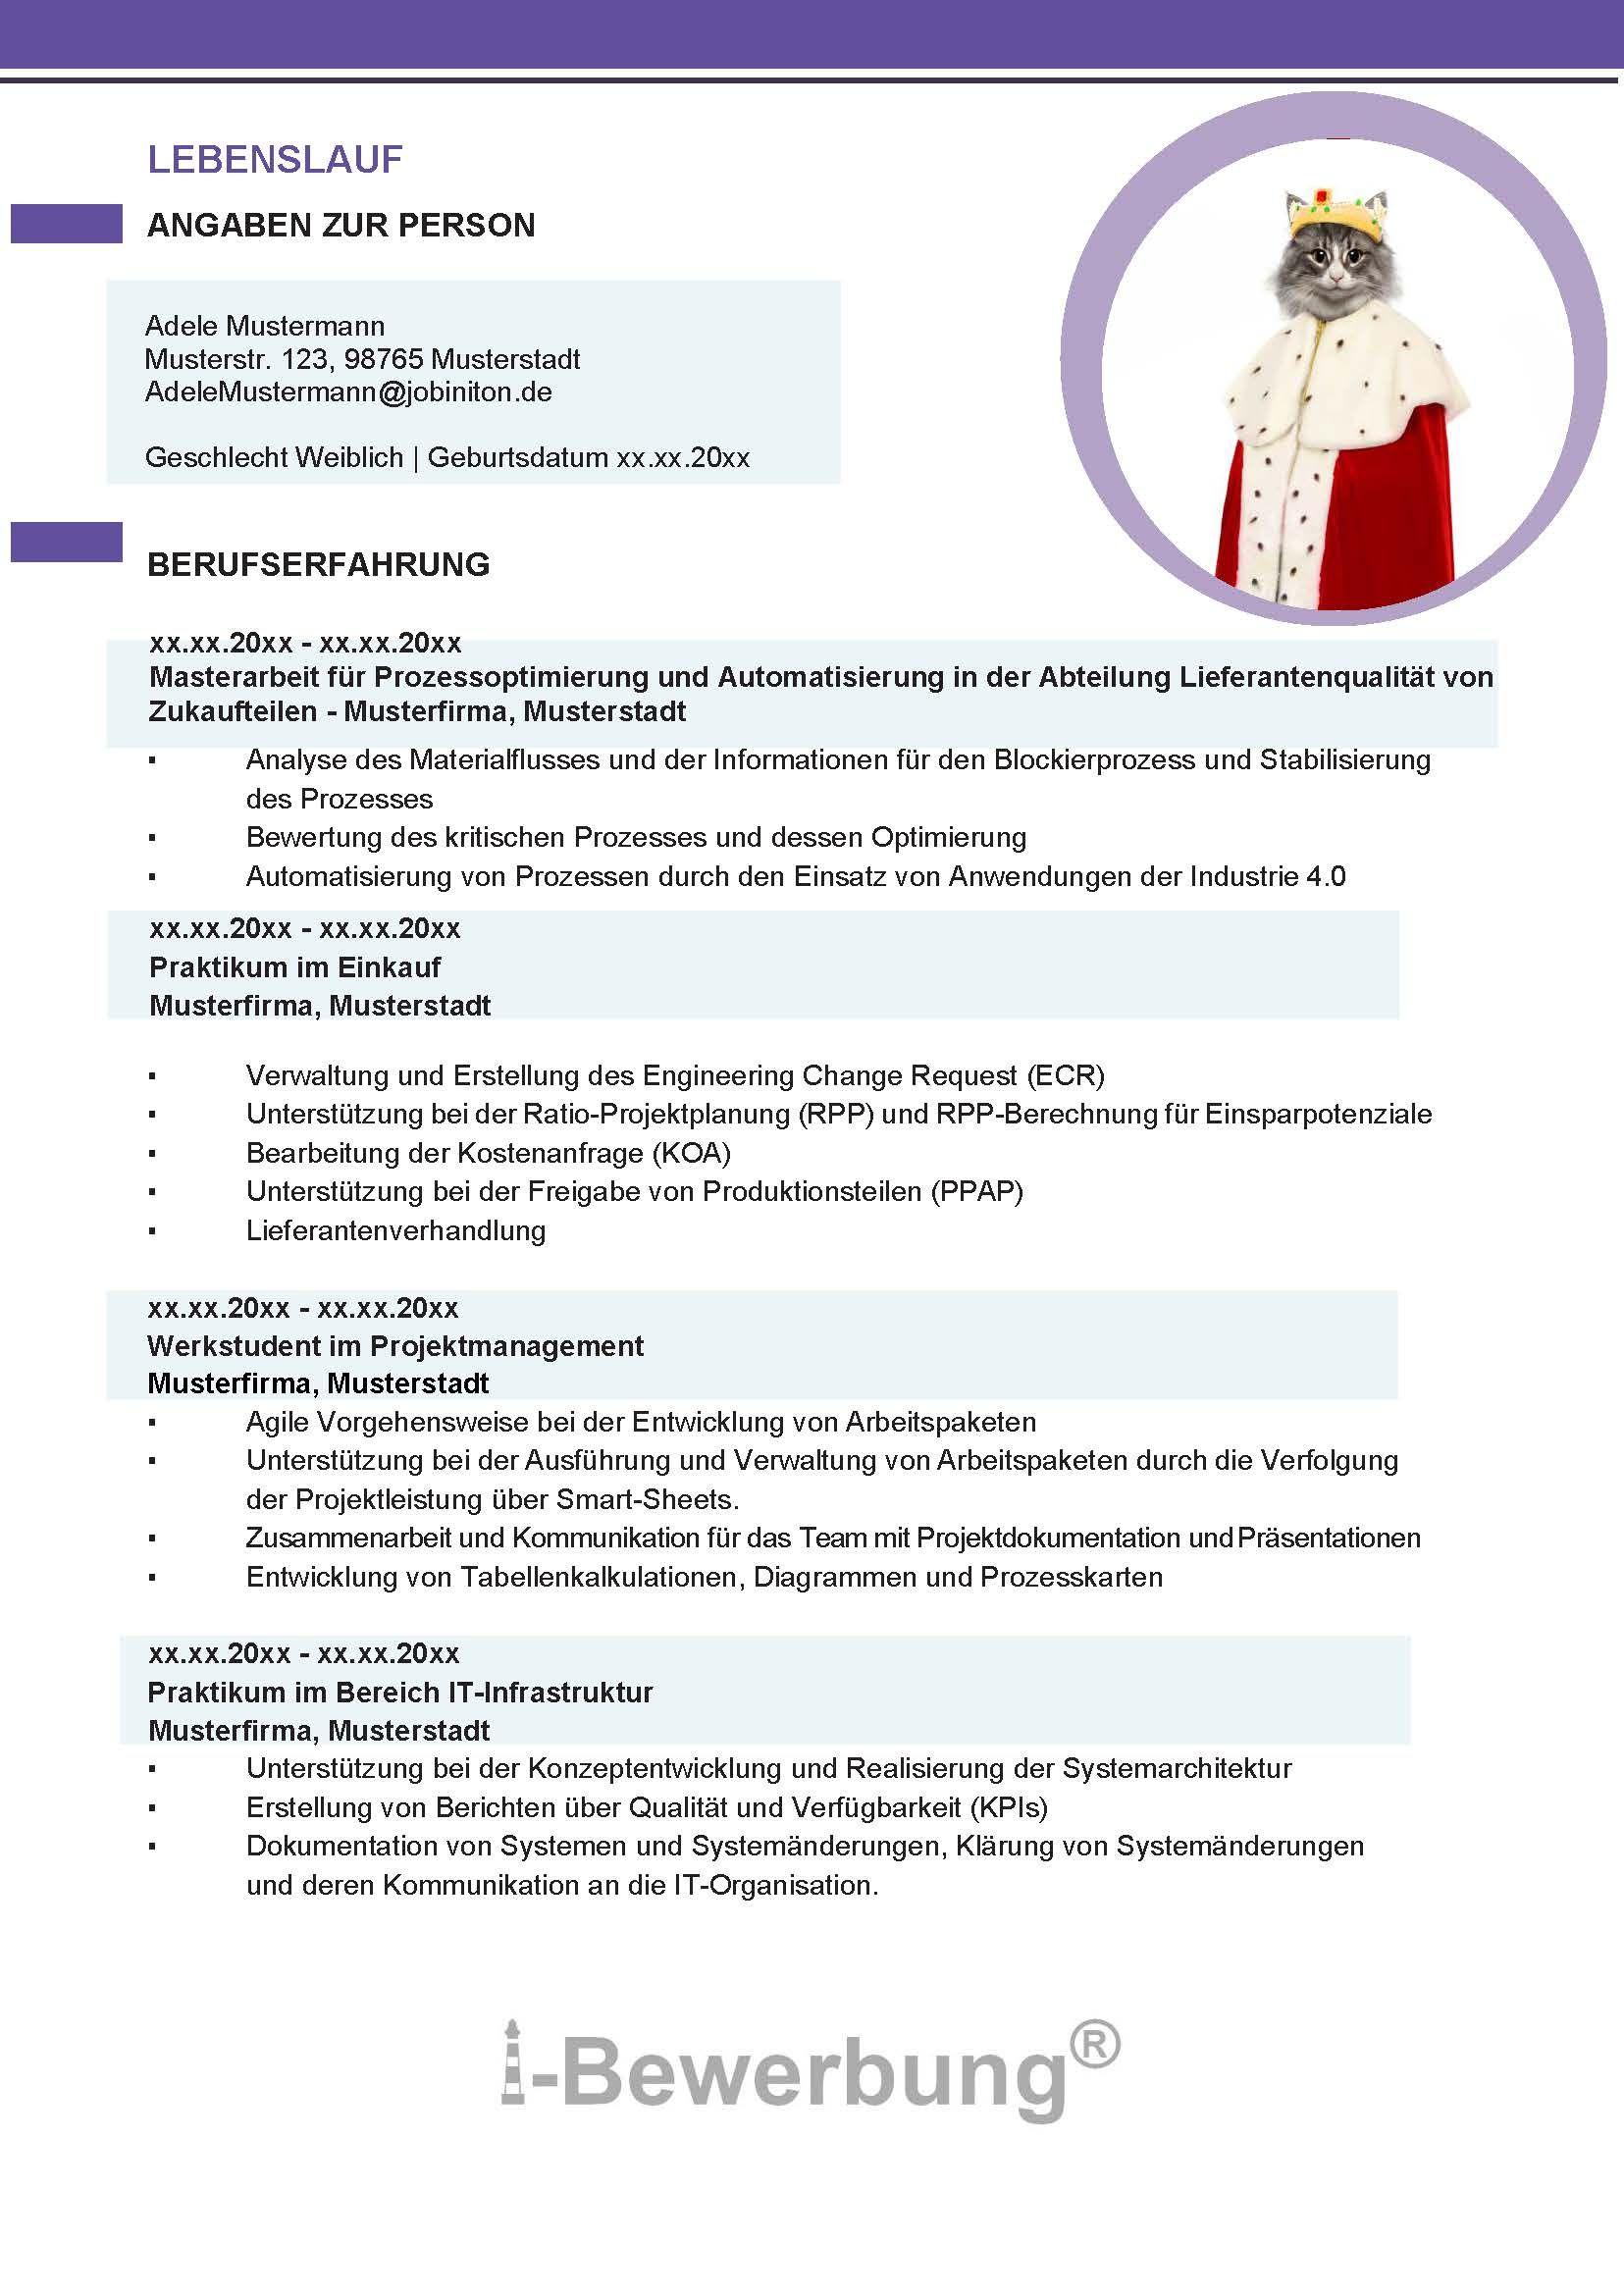 Gestaltung Des Lebenslauf Cv Zur Bewerbung Muster 602 Lebenslauf Lebenslauf Beispiele Lebenslauf Bewerbung Muster